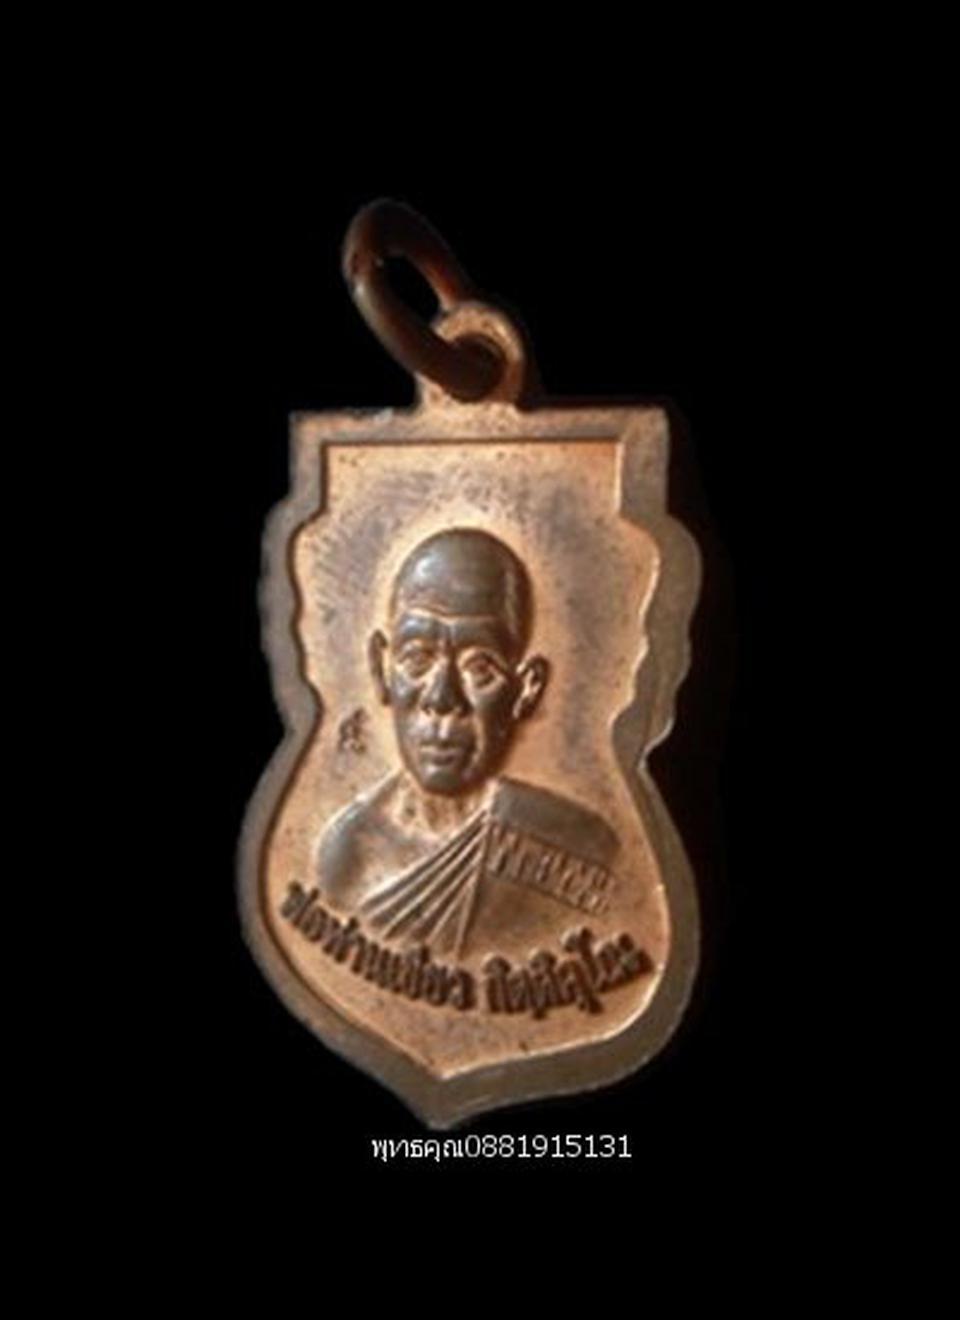 เหรียญเสมาจิ๋ว หลวงปู่ทวดจิ๋ว รุ่นสรงน้ำ พ่อท่านเขียว วัดห้วยเงาะ ปี2555 รูปที่ 4